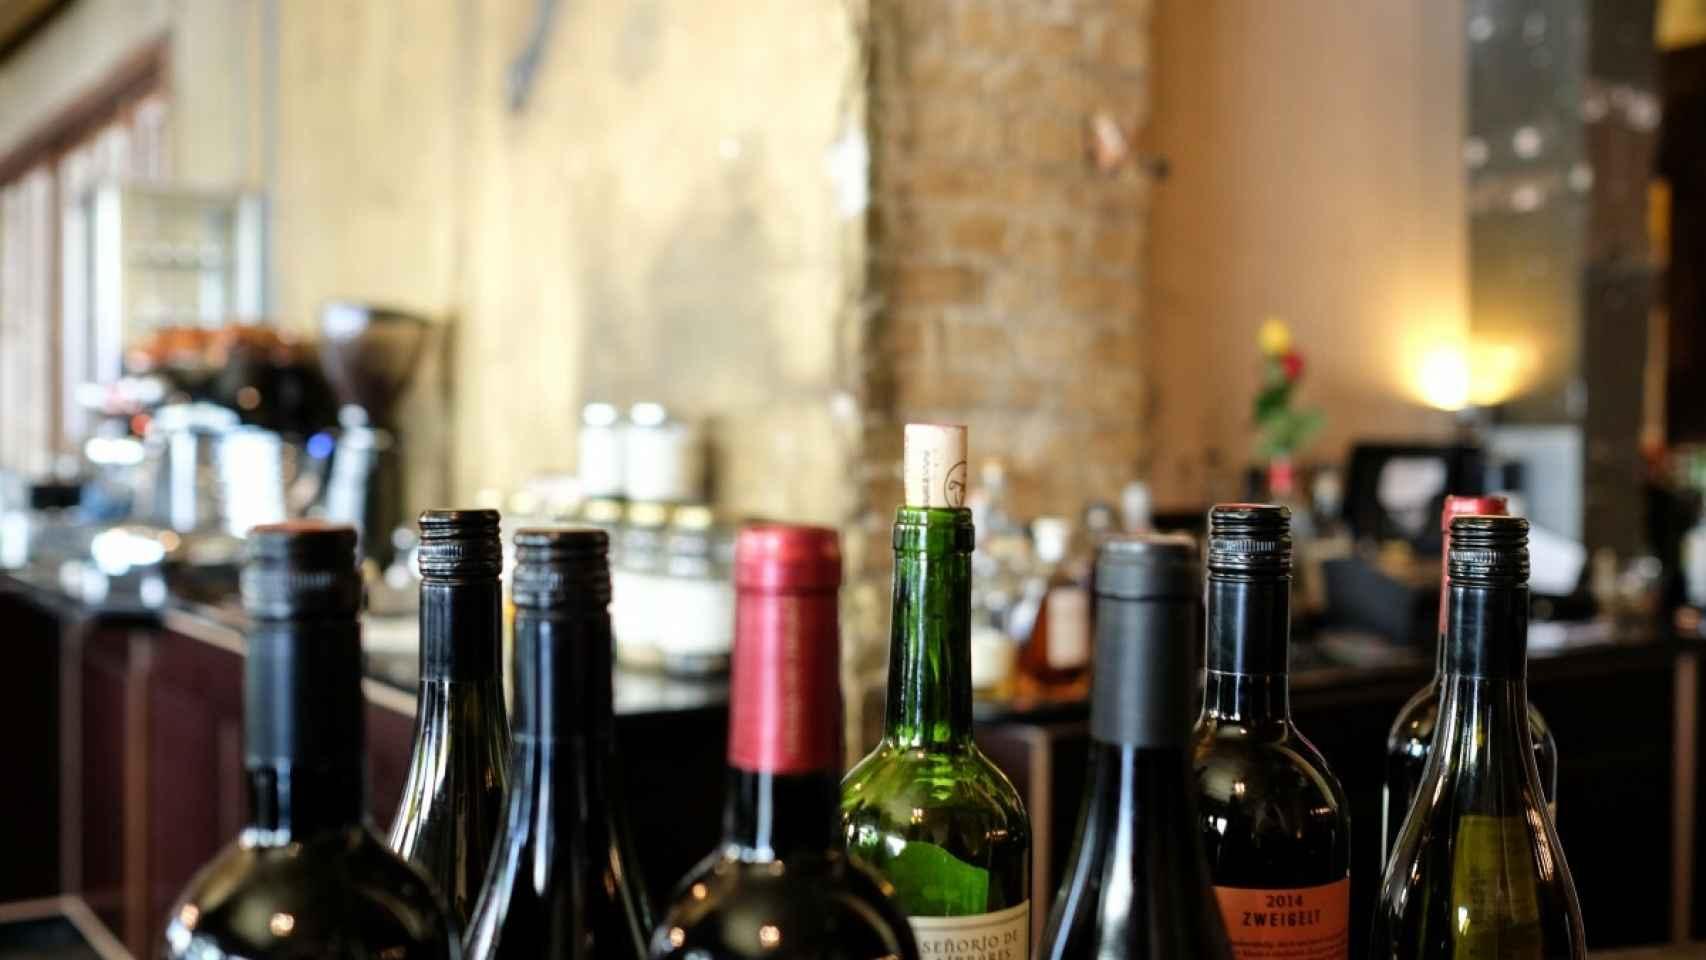 bar_bottles_cork_open_red_wine_restaurant_wine_wine_bottles-962574